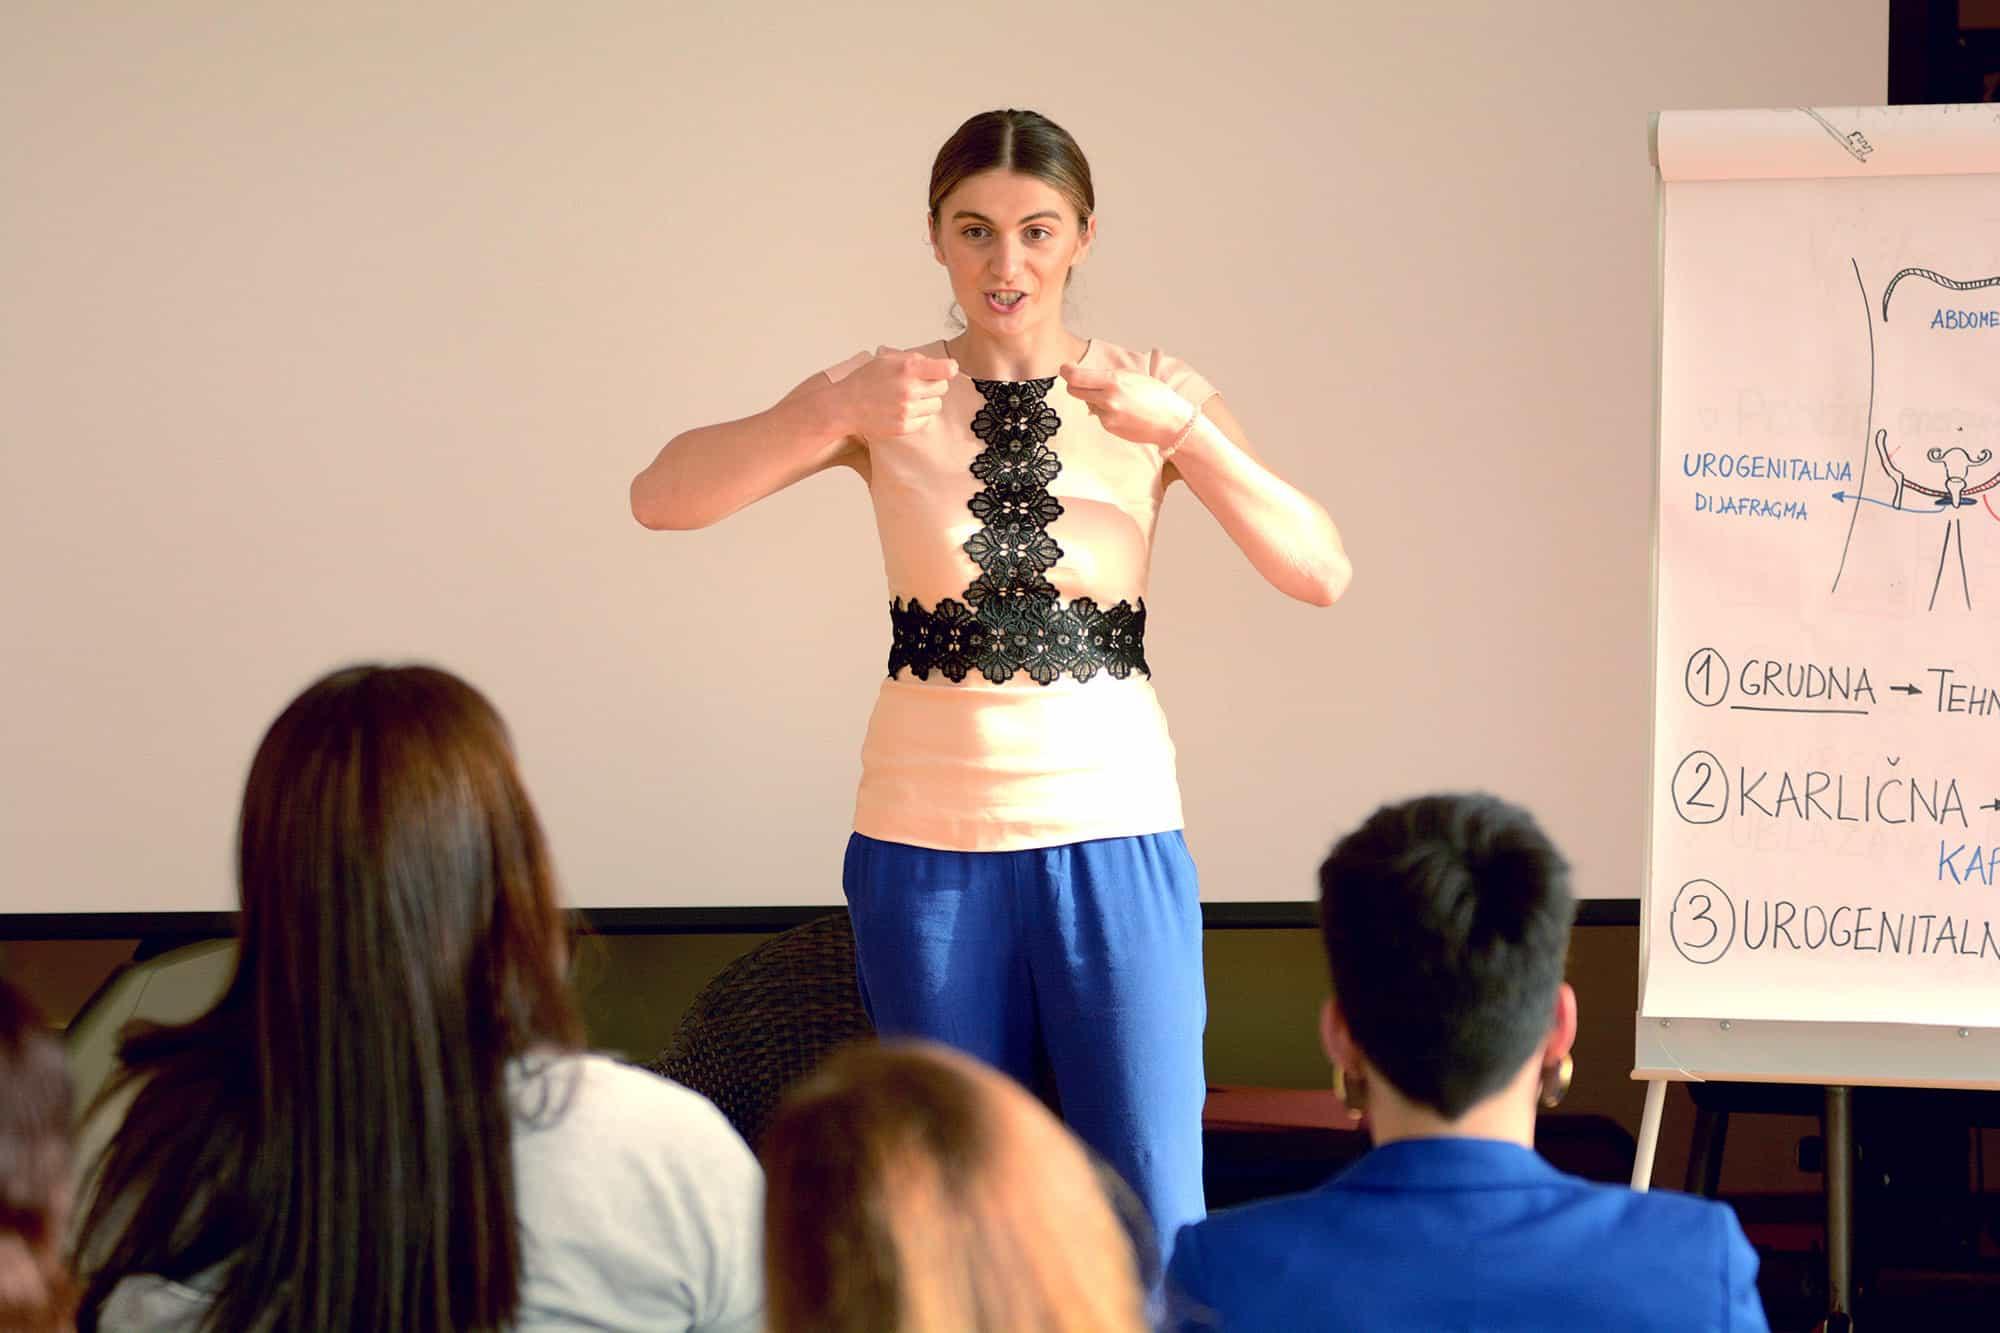 Petra Cutuk Vjeruj Traži Manifestiraj Zdravlje Meditacija Vježbe Disanja Samopouzdanje Posao Snaga Žene Pula Inspiracija